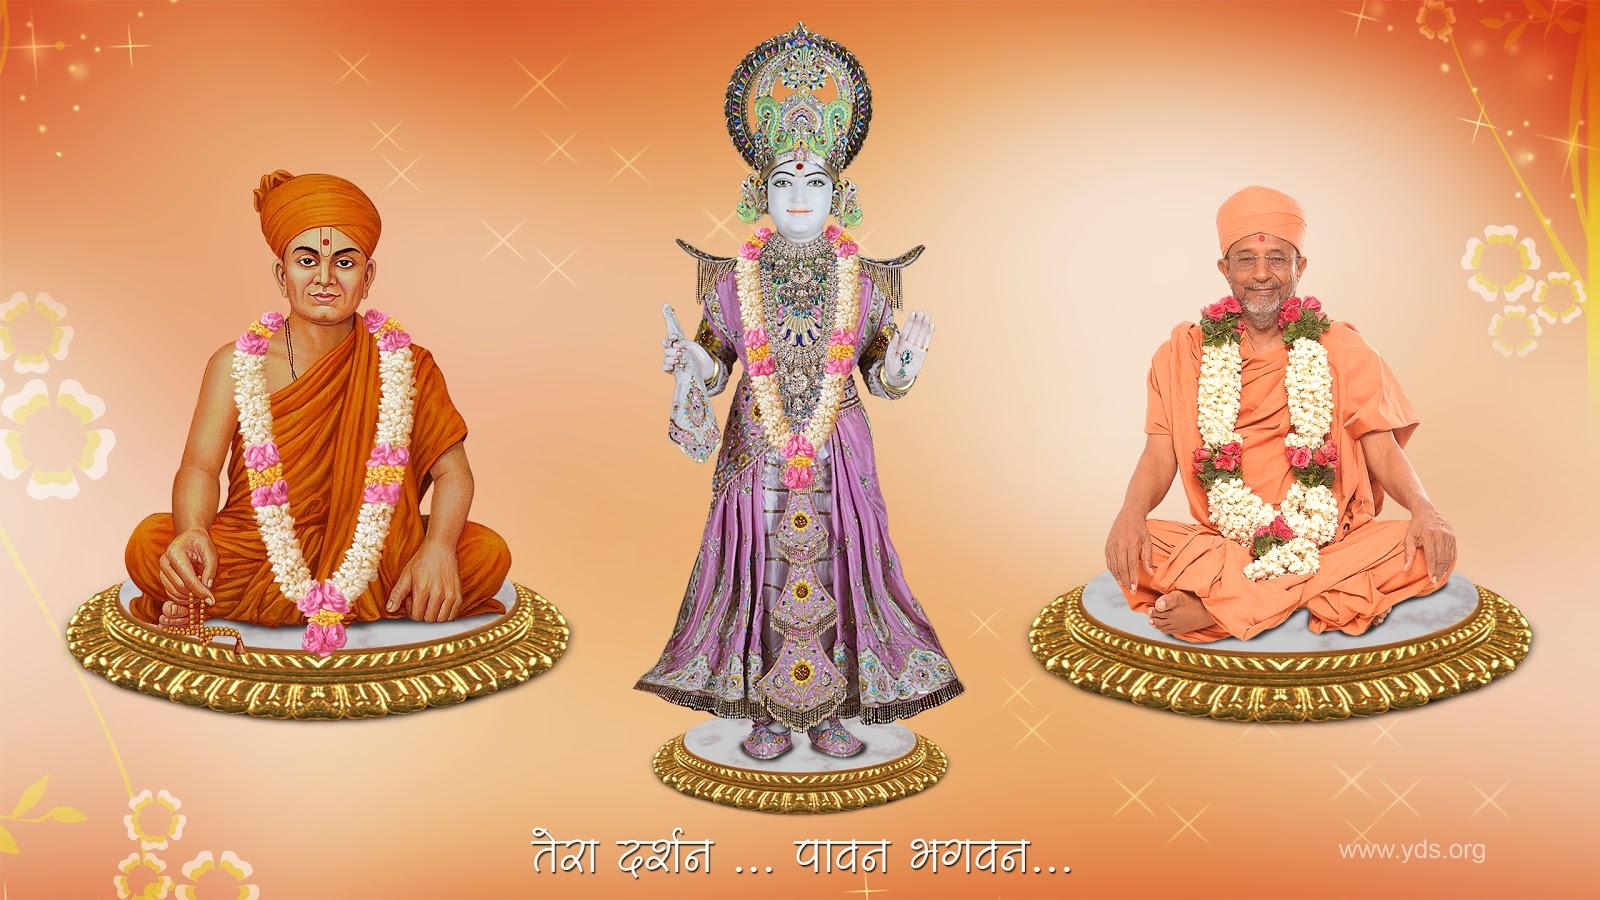 Ghanshyam Maharaj Wallpaper Hd Shreeswaminarayanbhagwan Yds